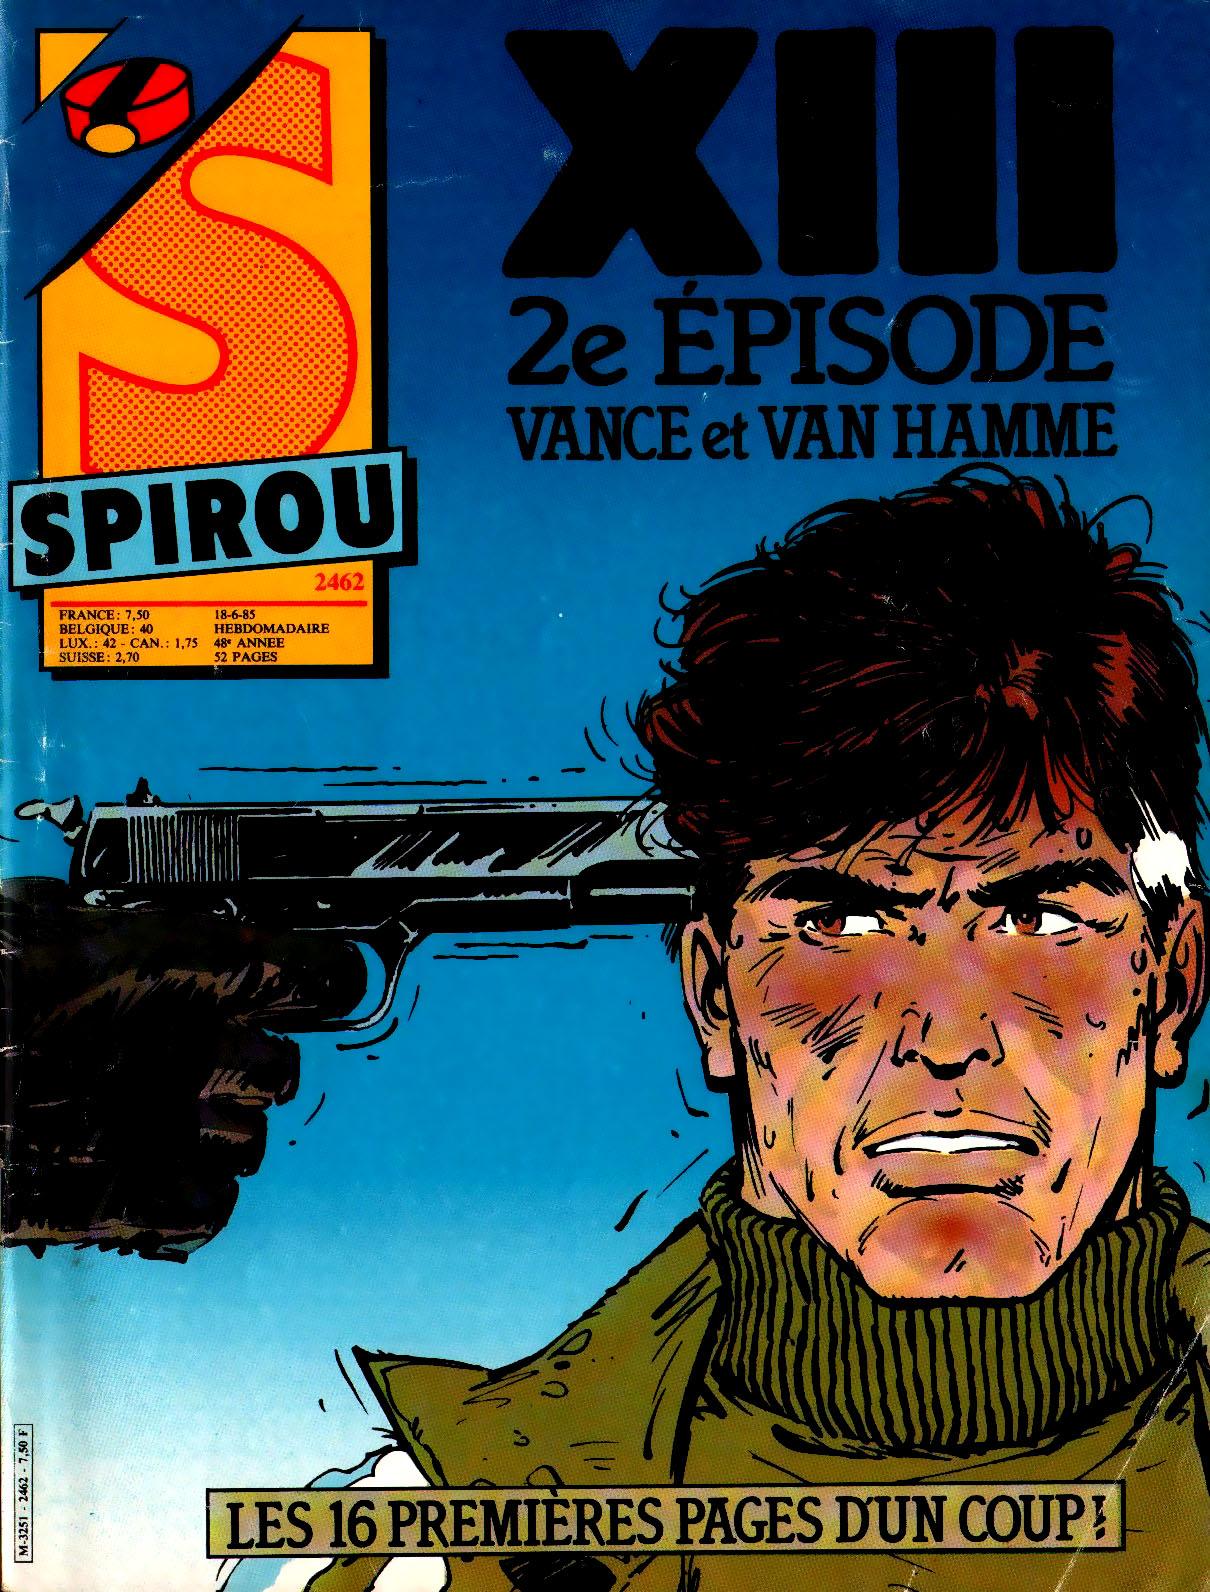 """Une couverture """"adulte"""" pour Spirou n°2462 le 18 juin 1985"""